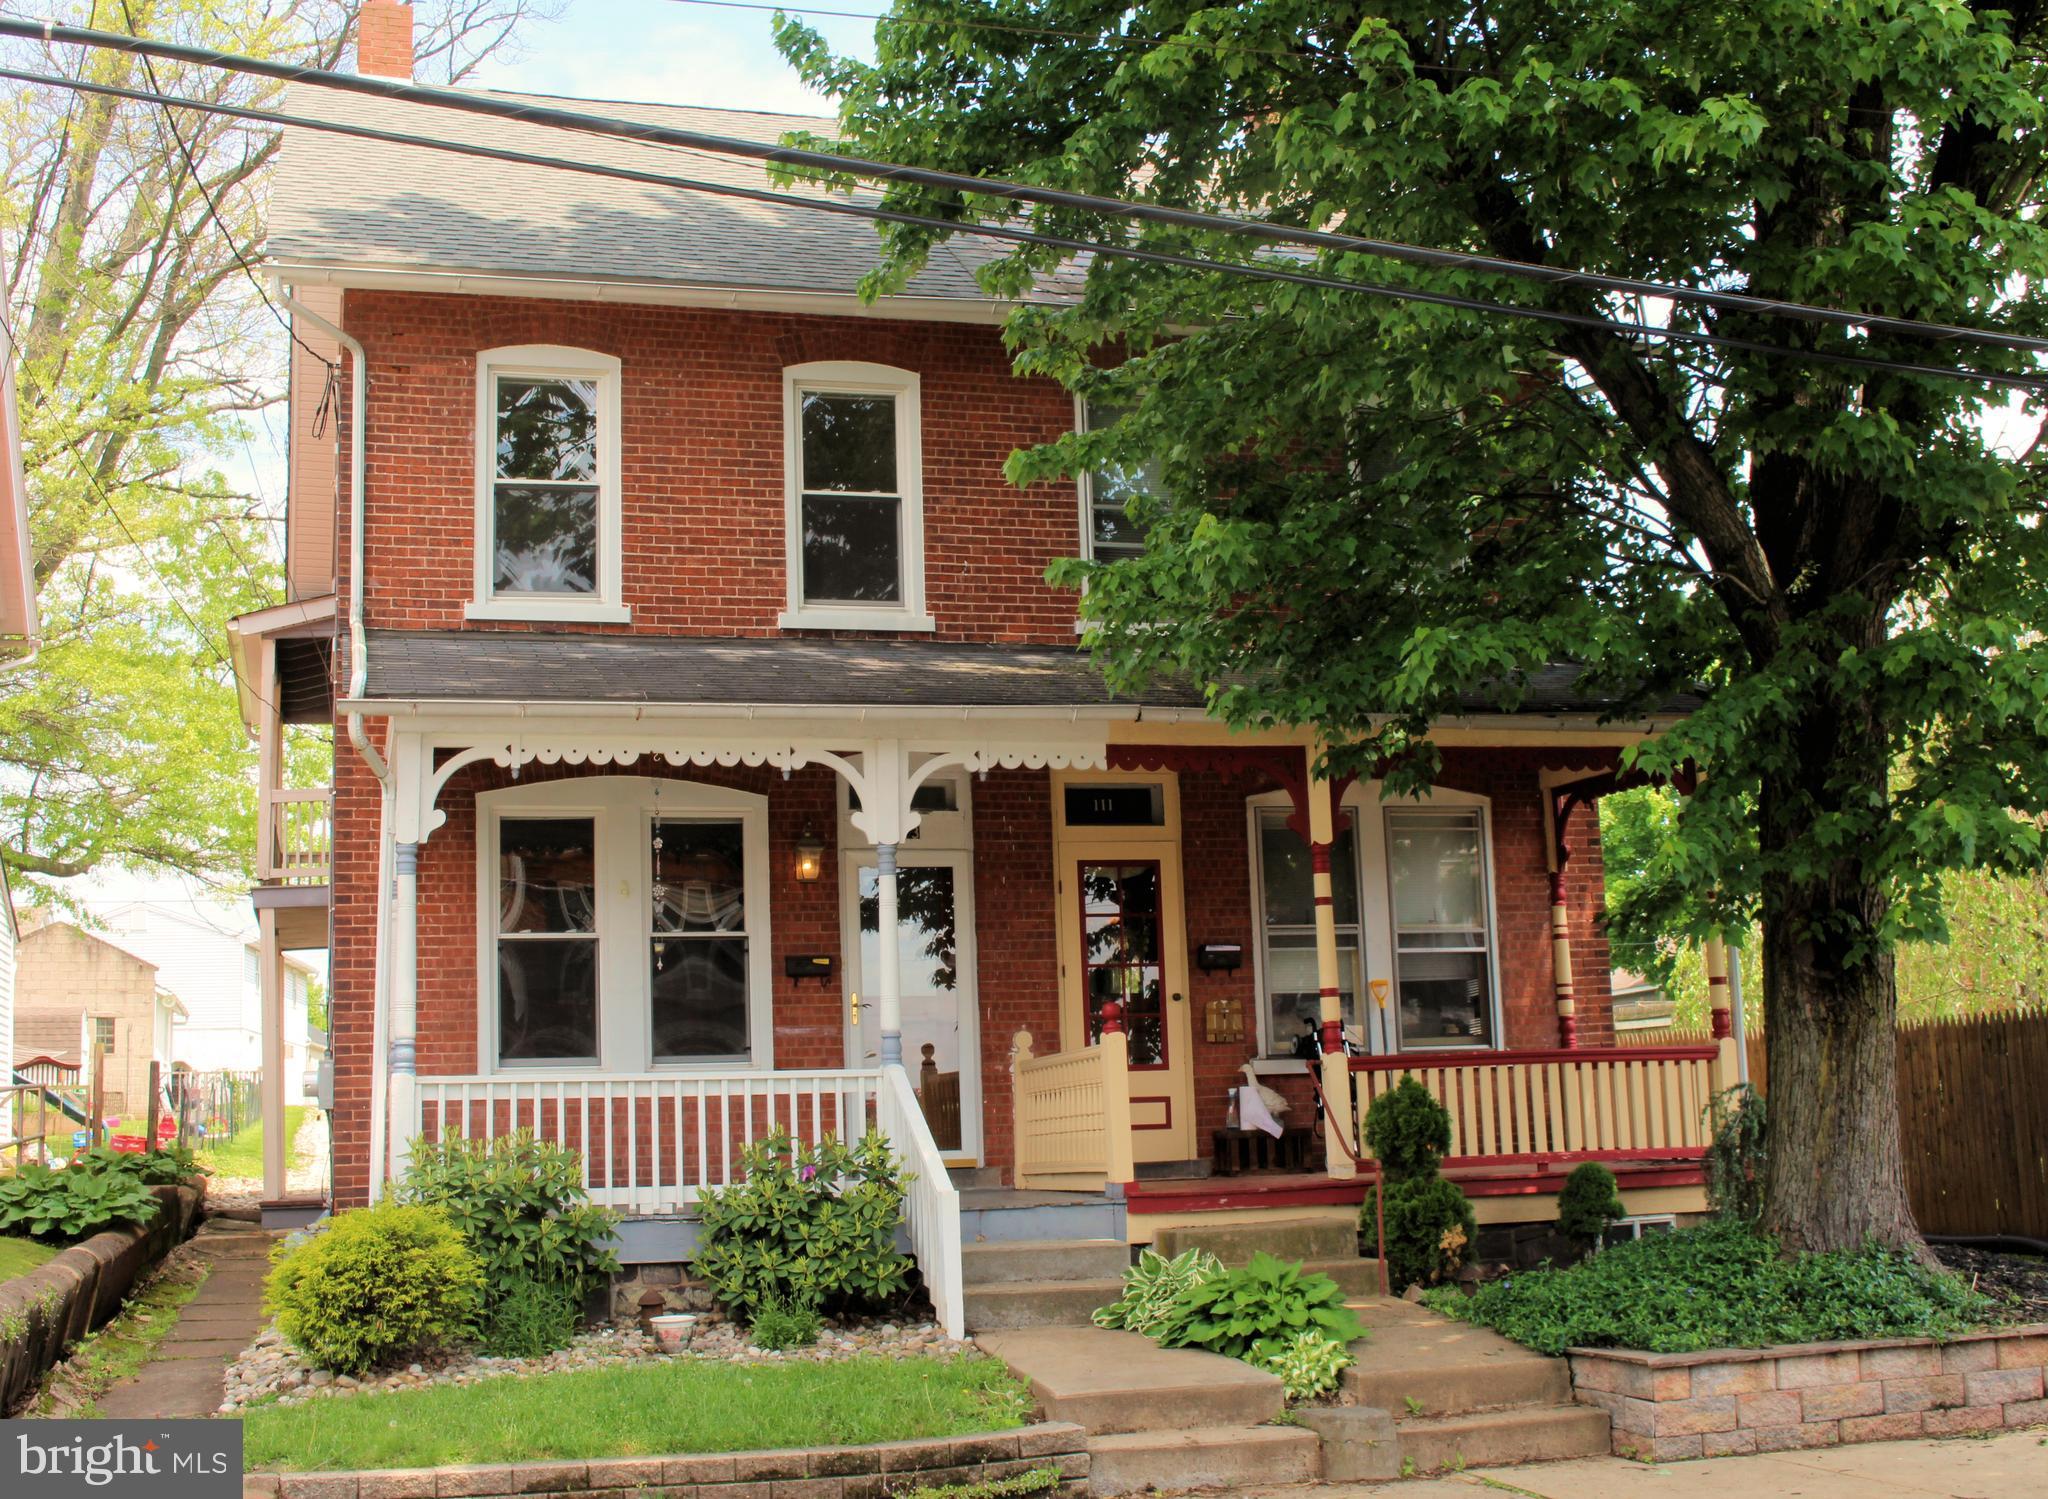 113 JEFFERSON STREET, EAST GREENVILLE, PA 18041